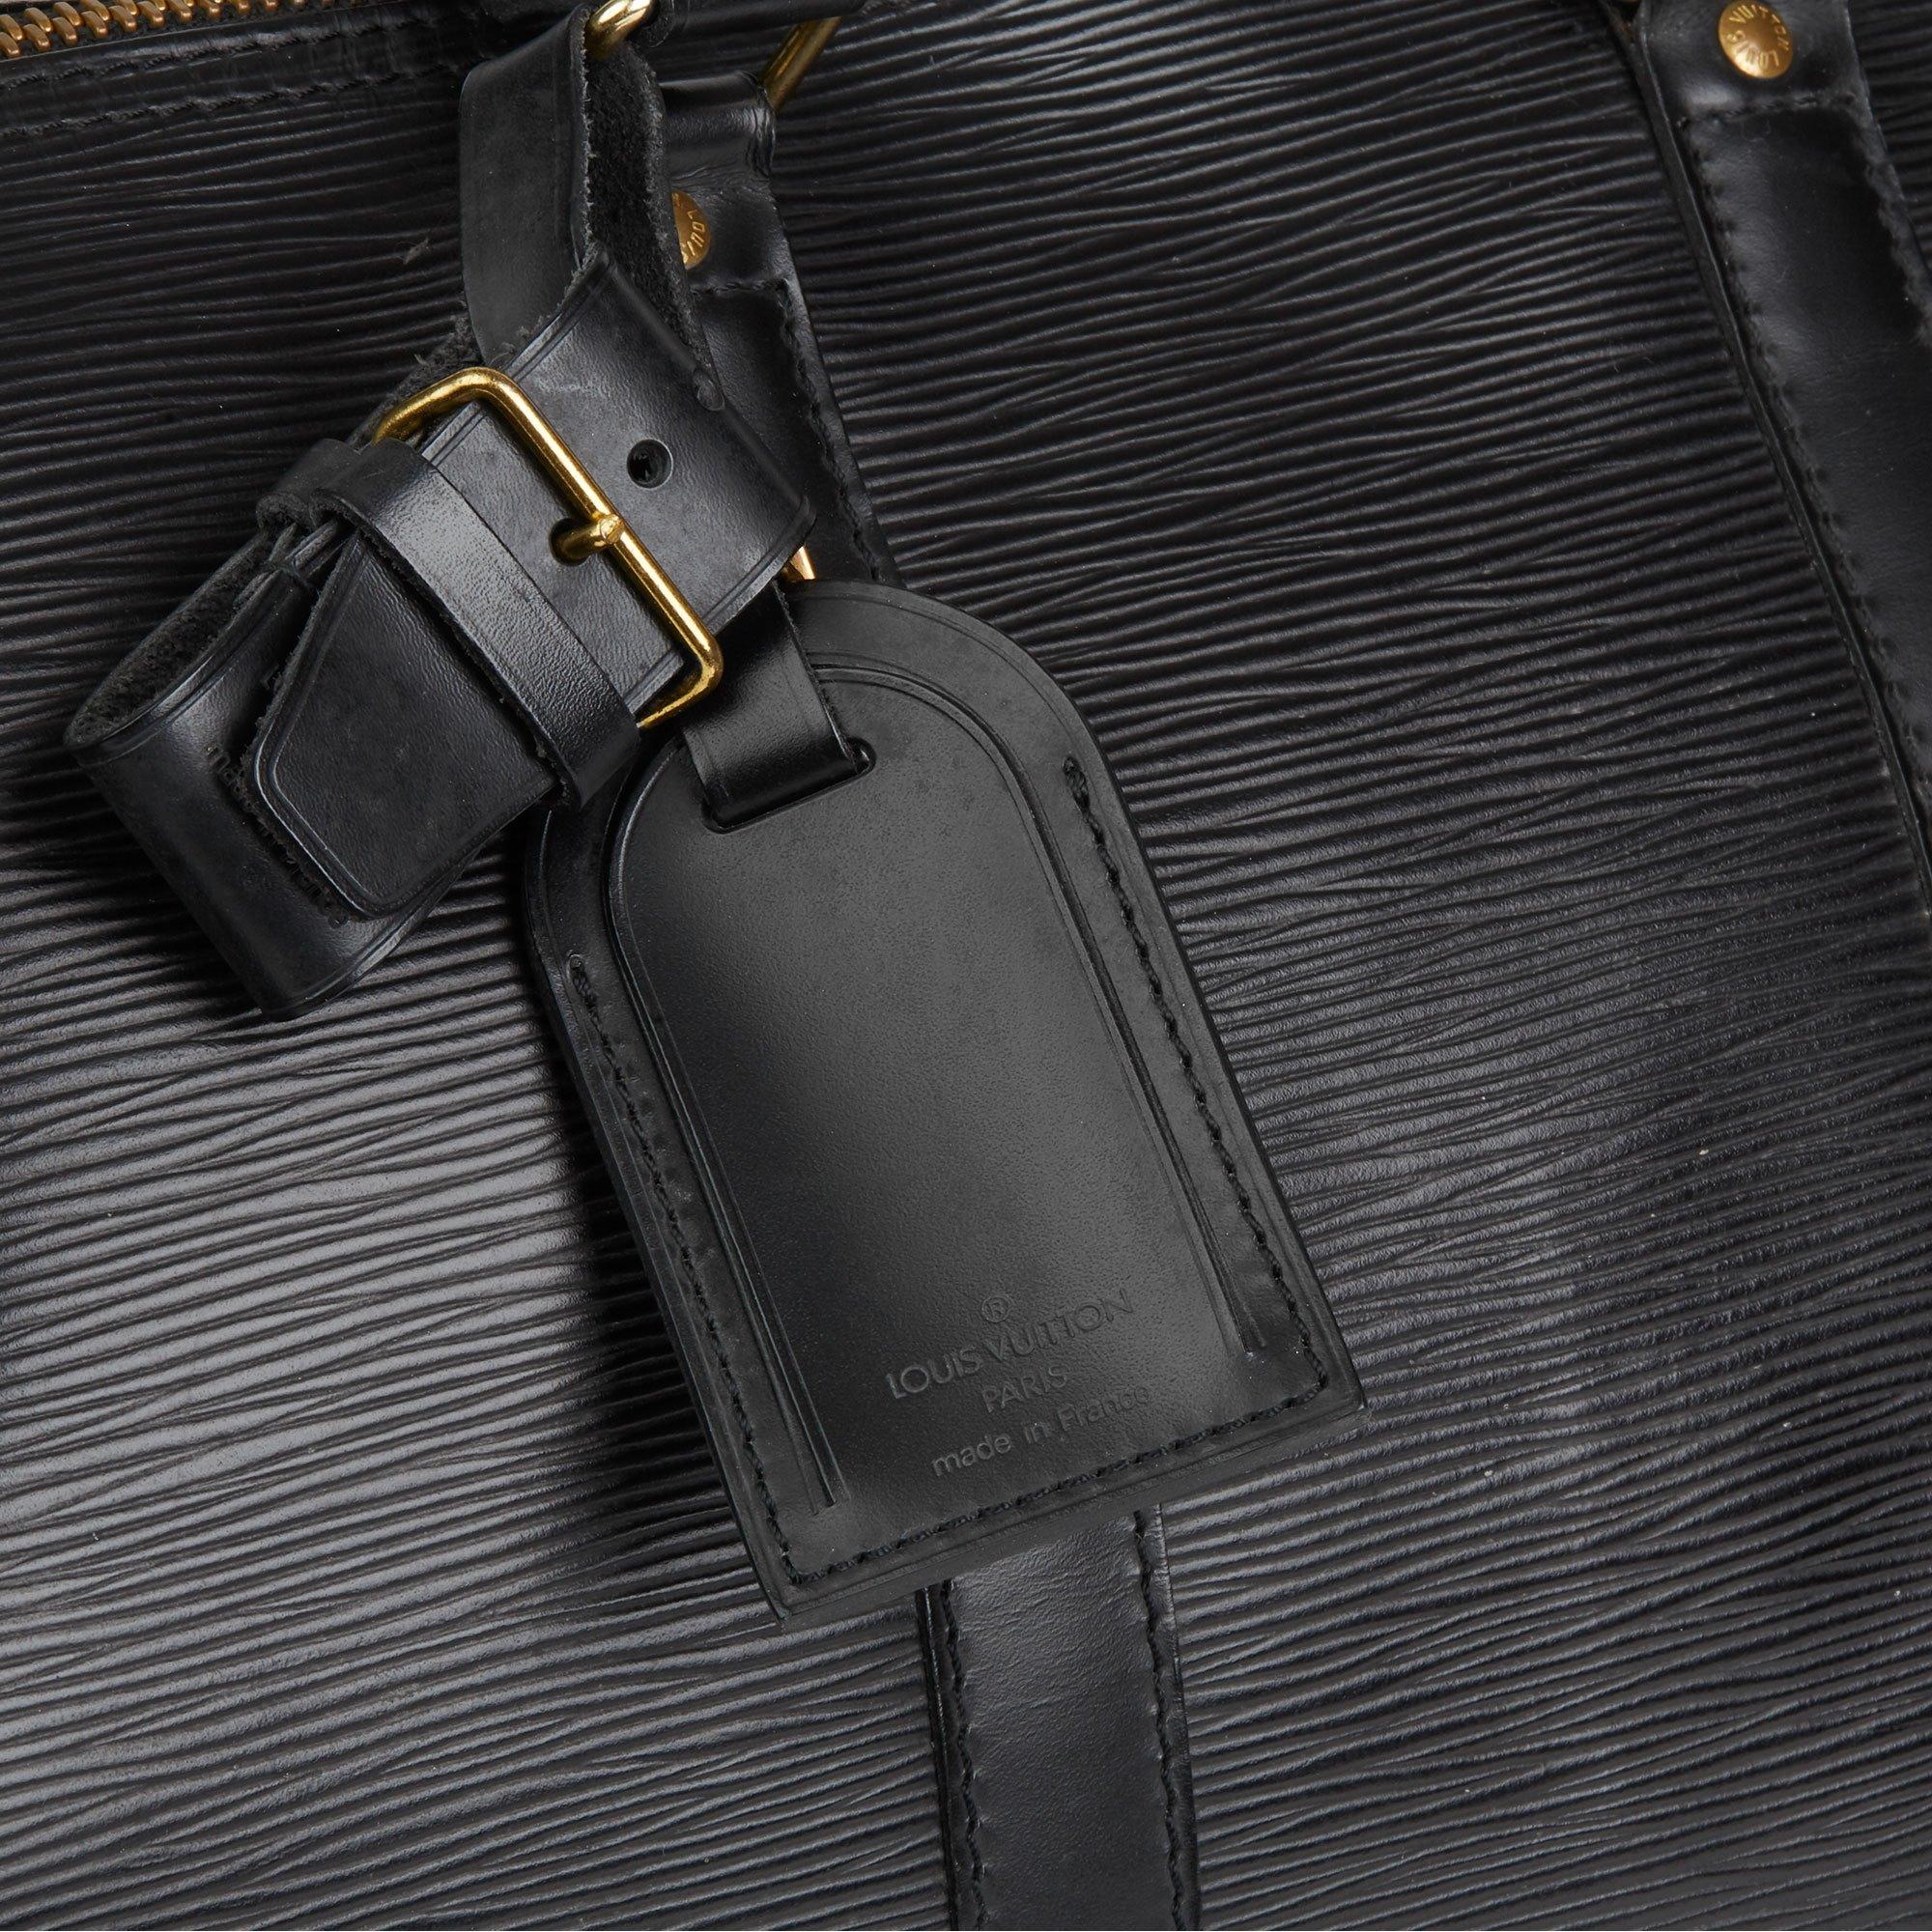 Louis Vuitton Black Epi Leather Vintage Keepall 45